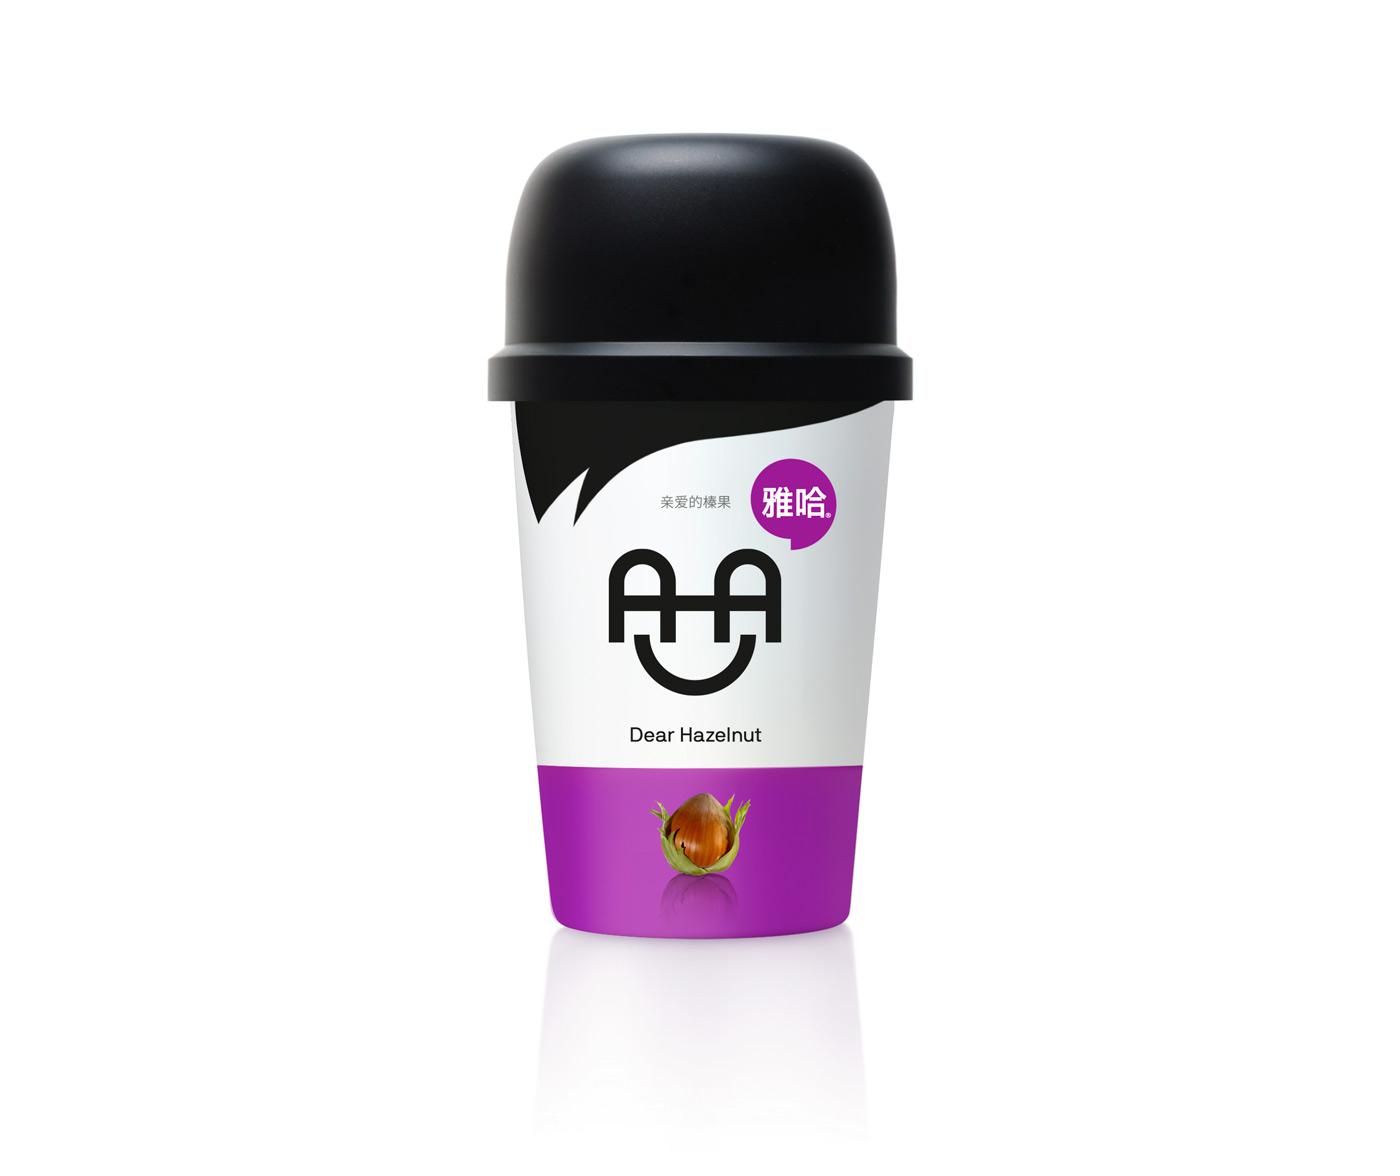 雅哈咖啡-亲爱的榛果包装